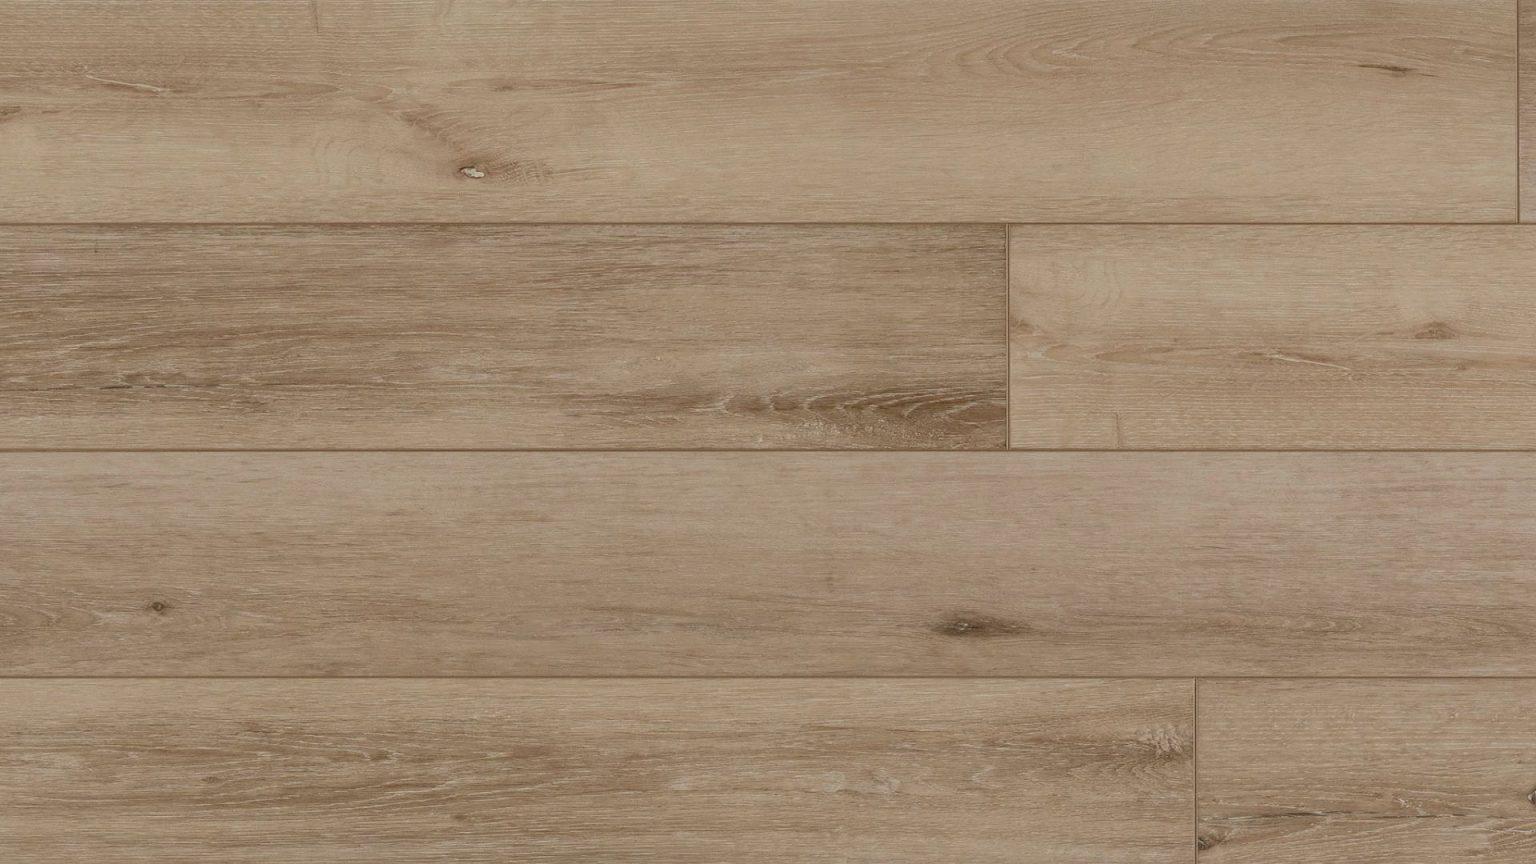 Nimbus 50 LVRE 140 / COREtec® authentics wood